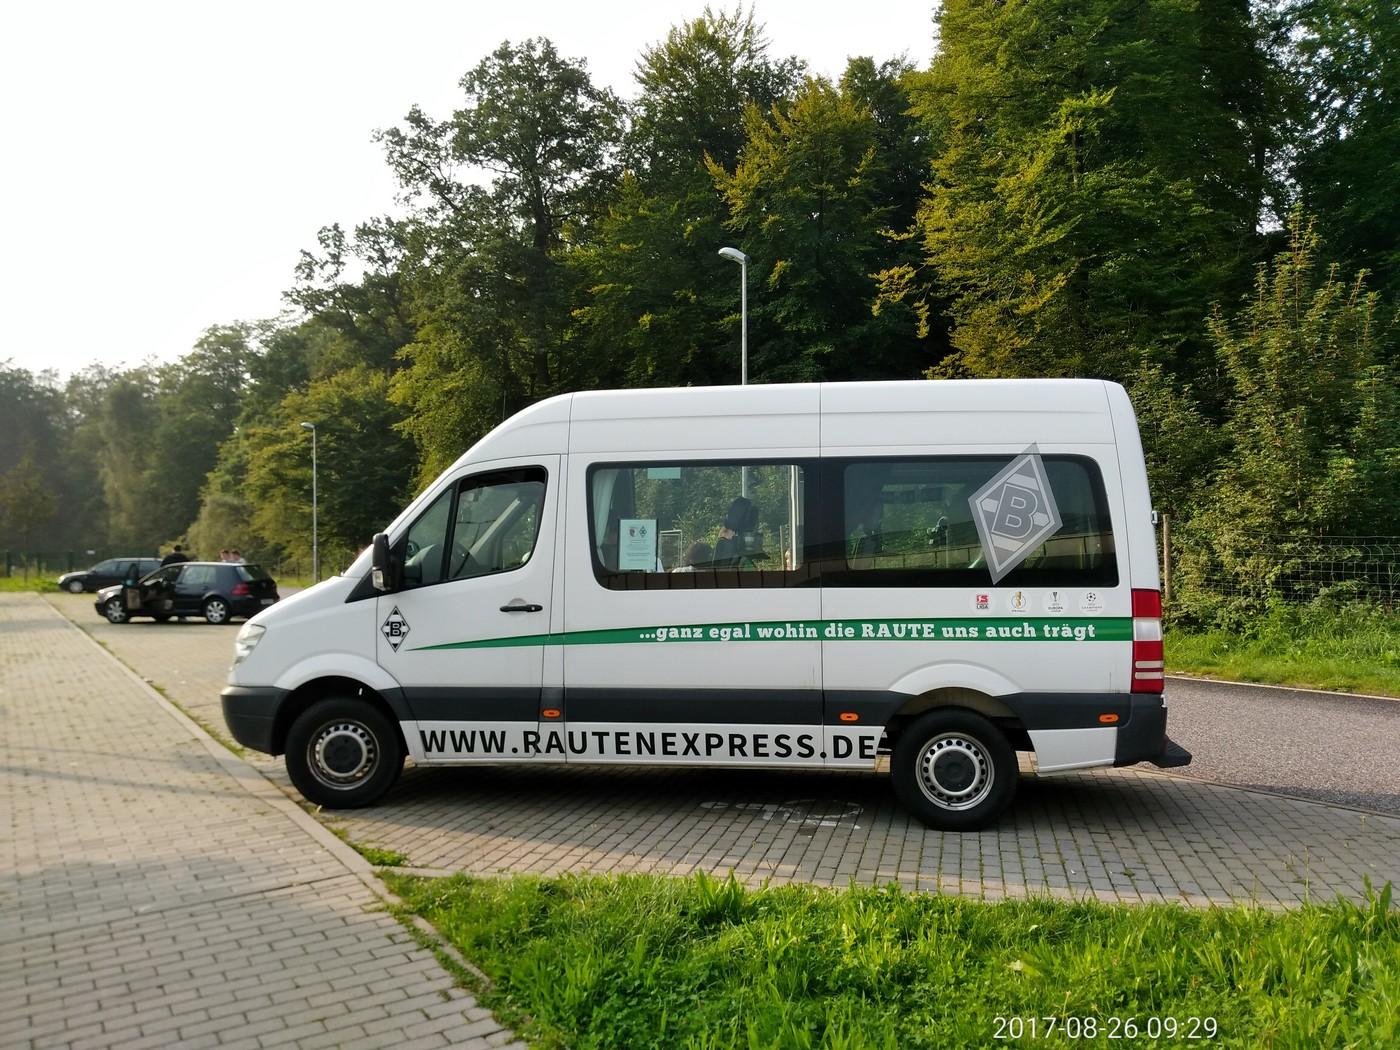 Rautenexpress Bus